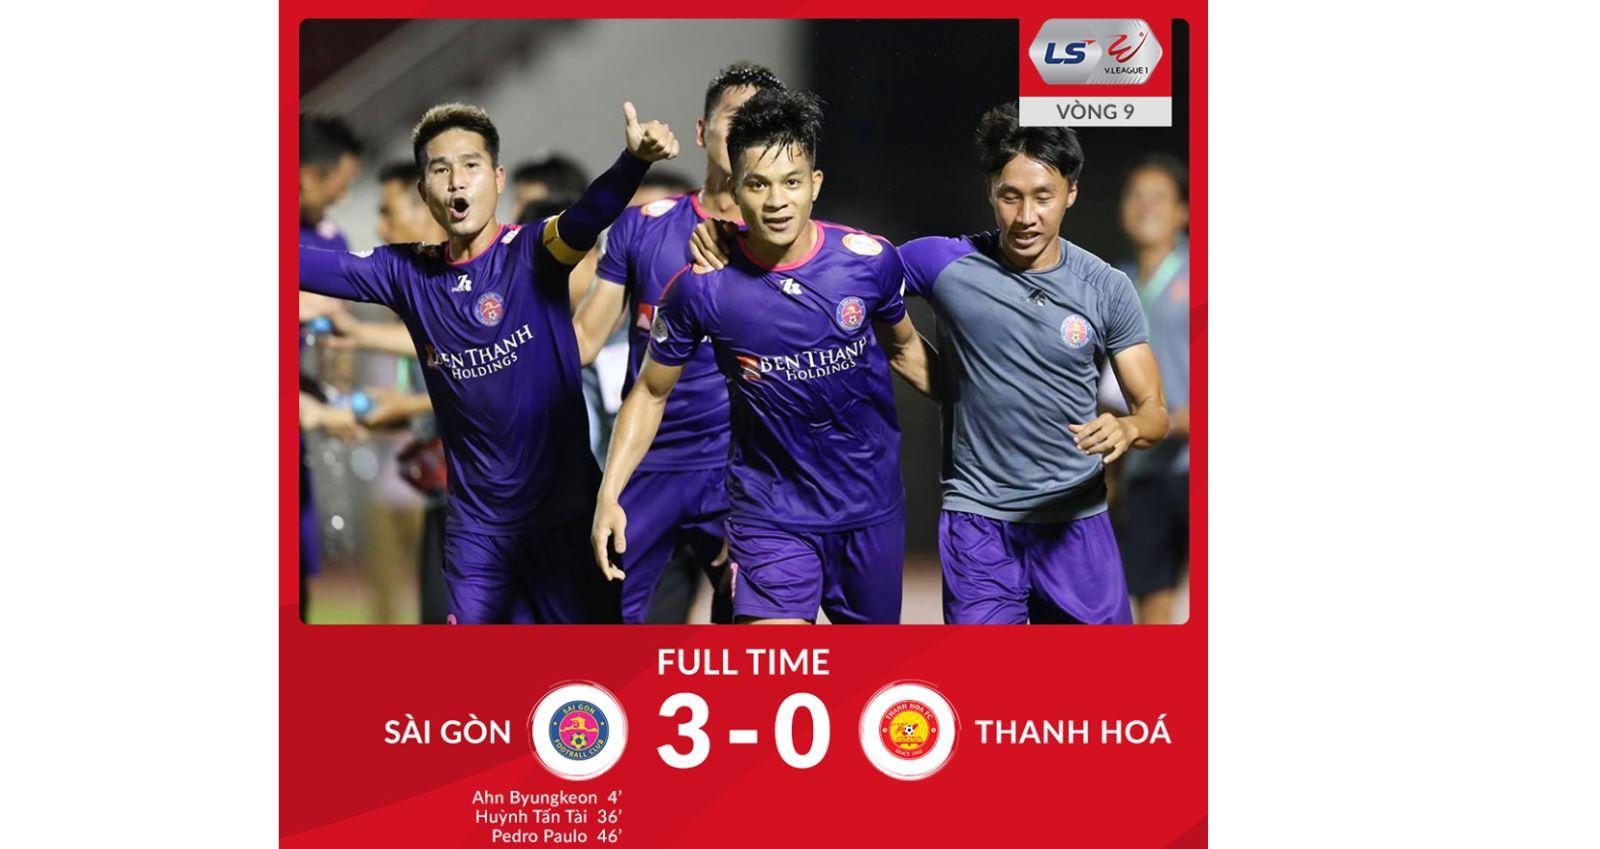 Kết quả Sài Gòn vs Thanh Hóa, Sài Gòn vs Thanh Hóa, Sài Gòn FC, V-League 2020, Sài Gòn, Thanh Hoá, kết quả bóng đá, lịch thi đấu bóng đá